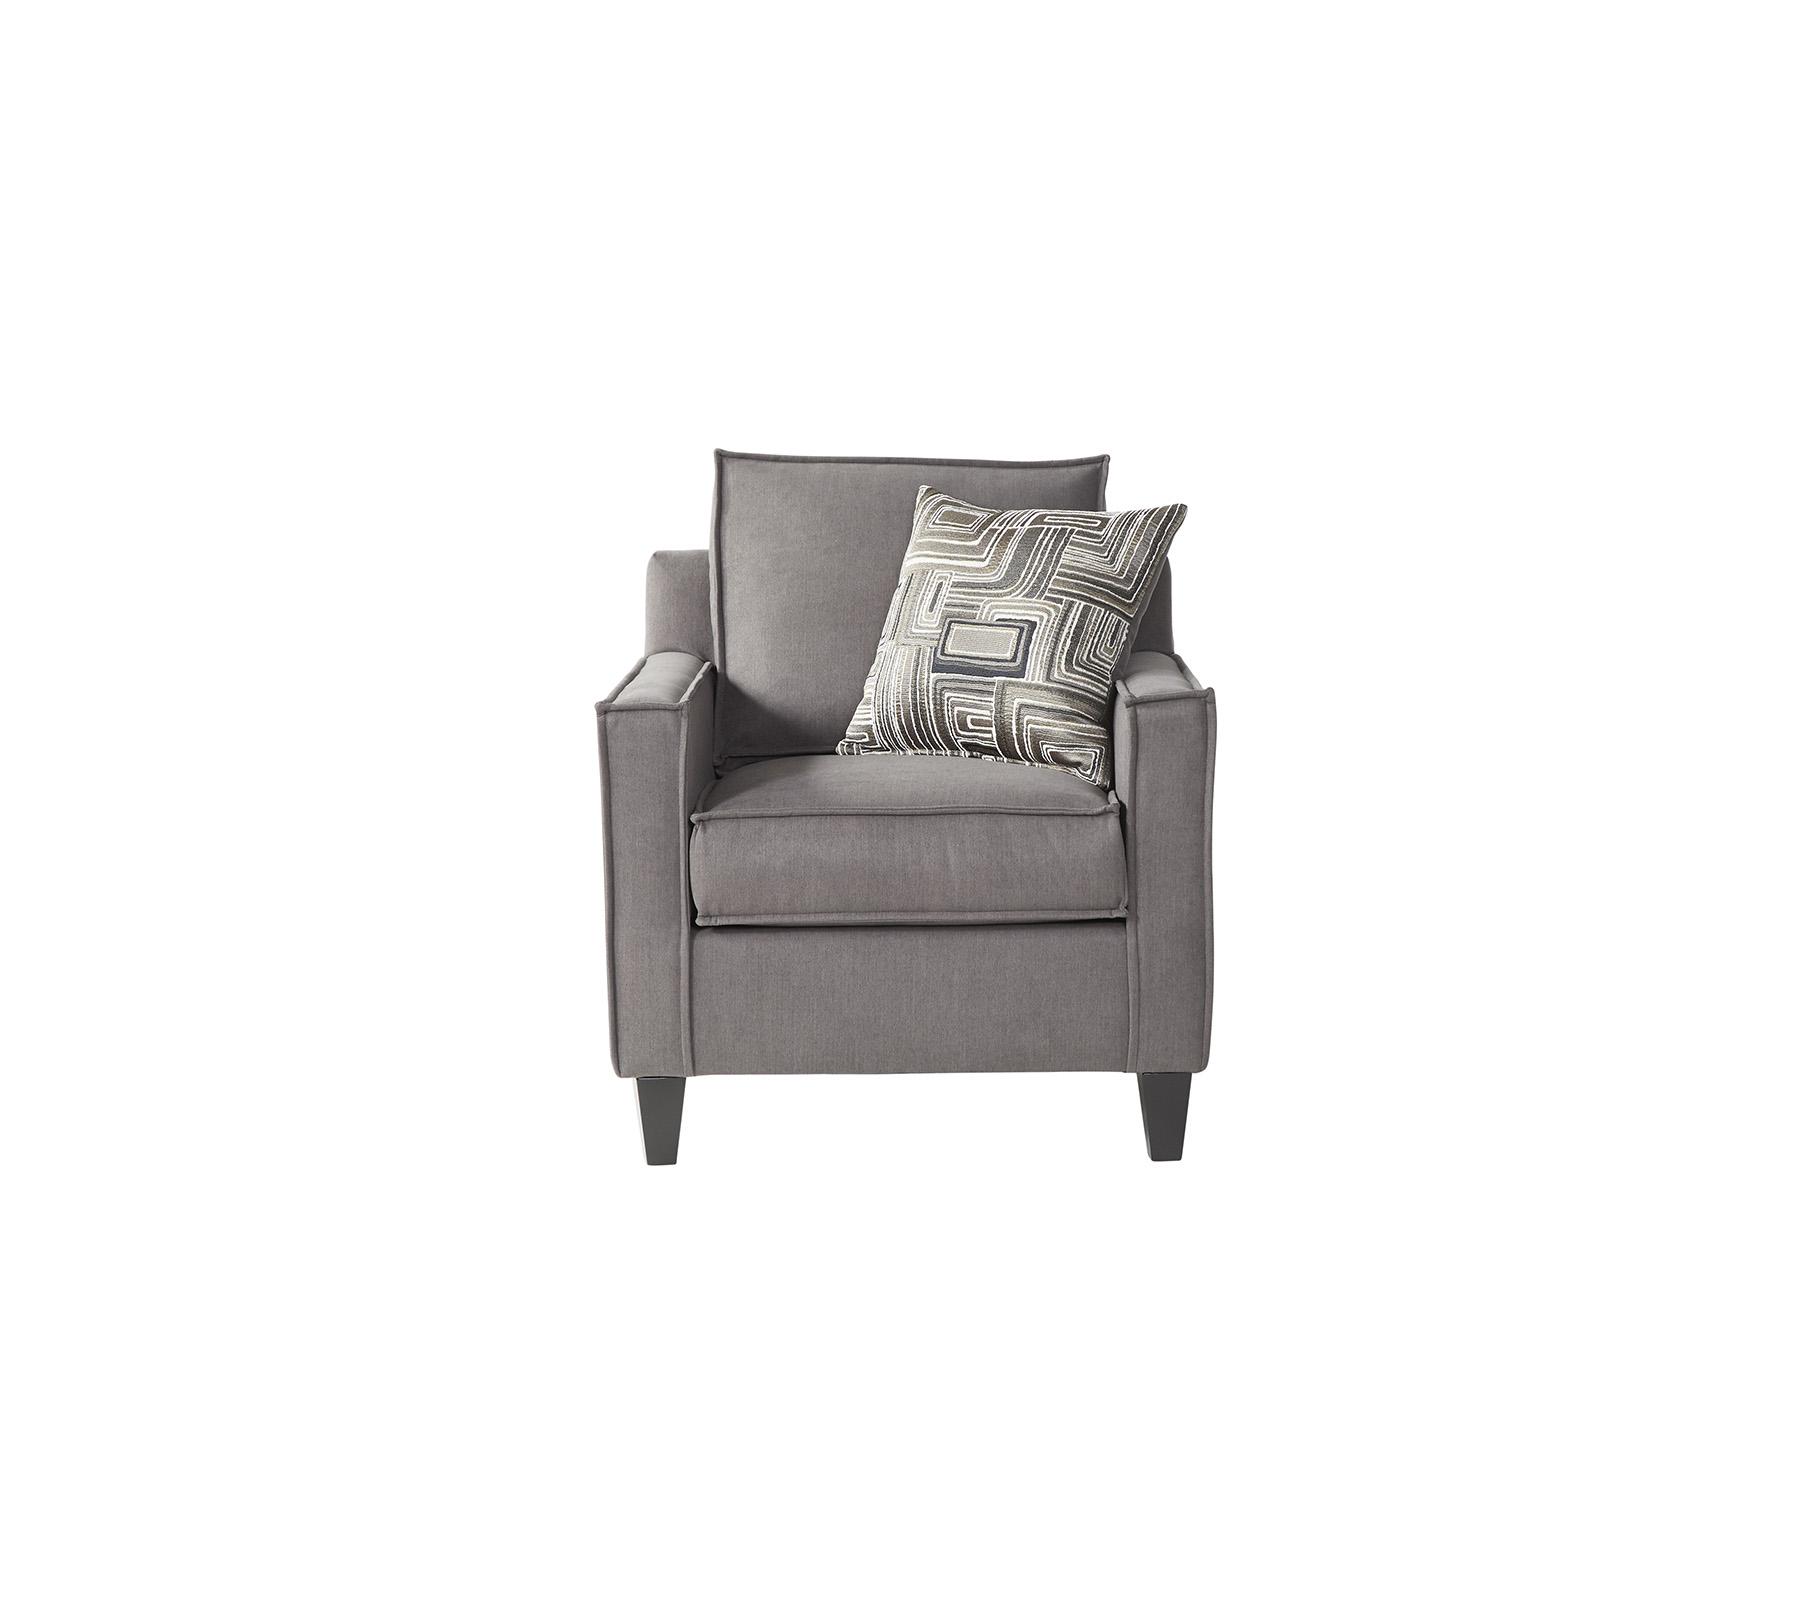 30875 Chair